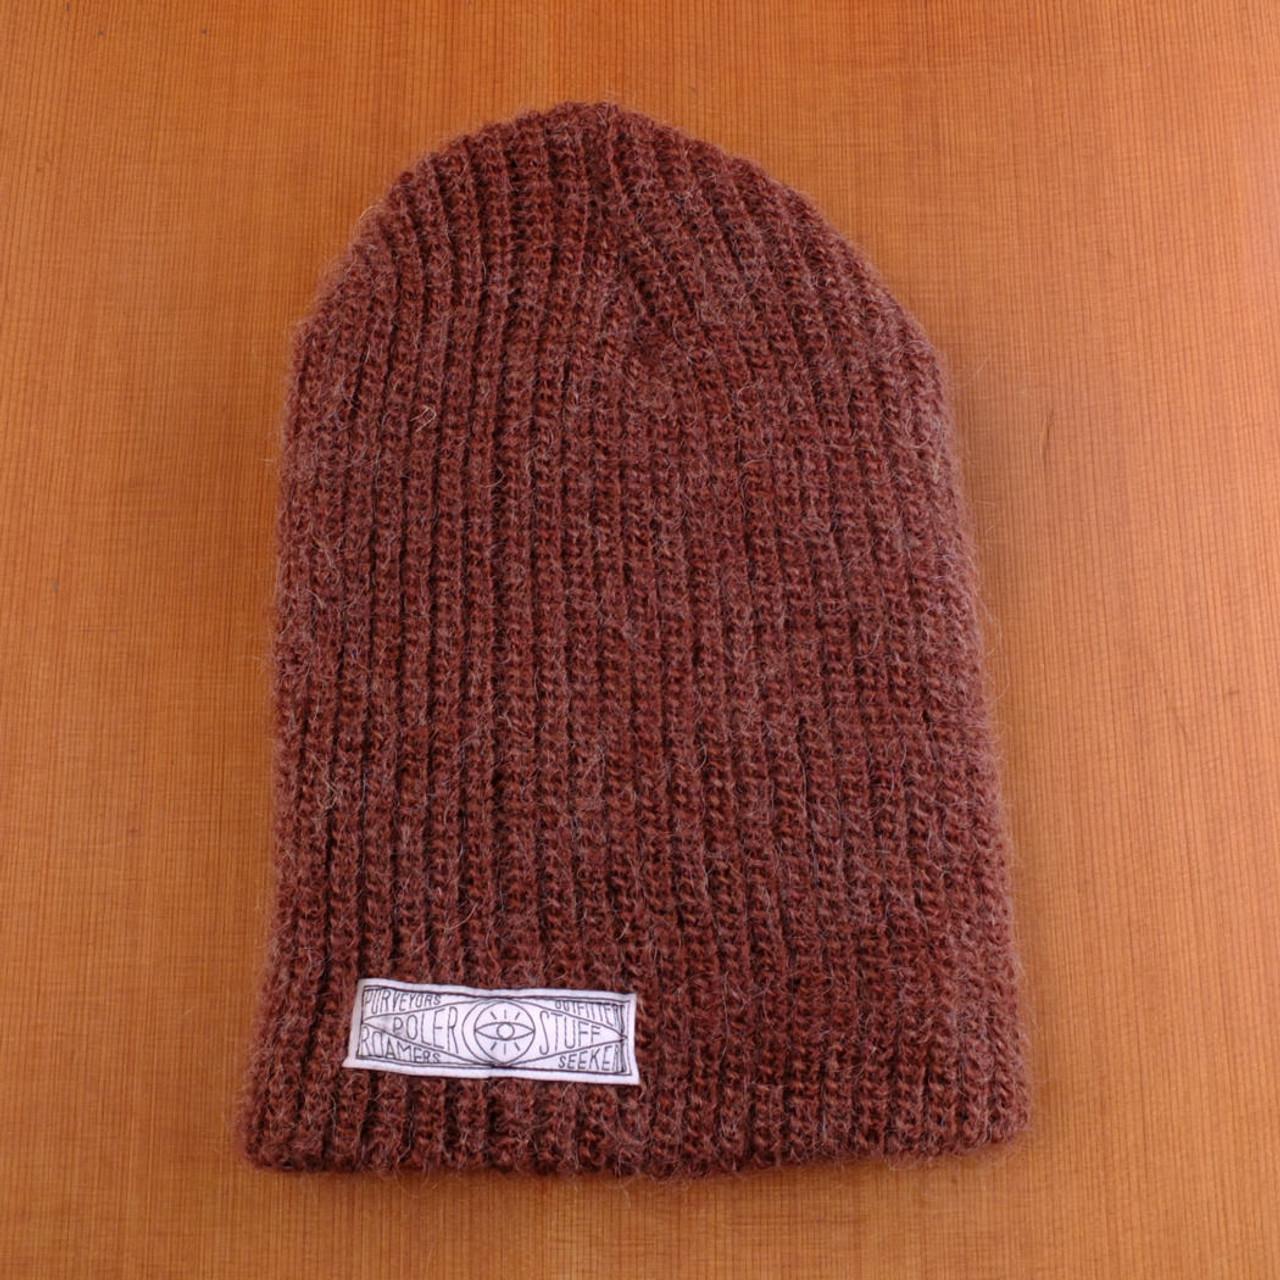 Poler Mole Hair Bear Brown Beanie - The Longboard Store 1c167c1468f